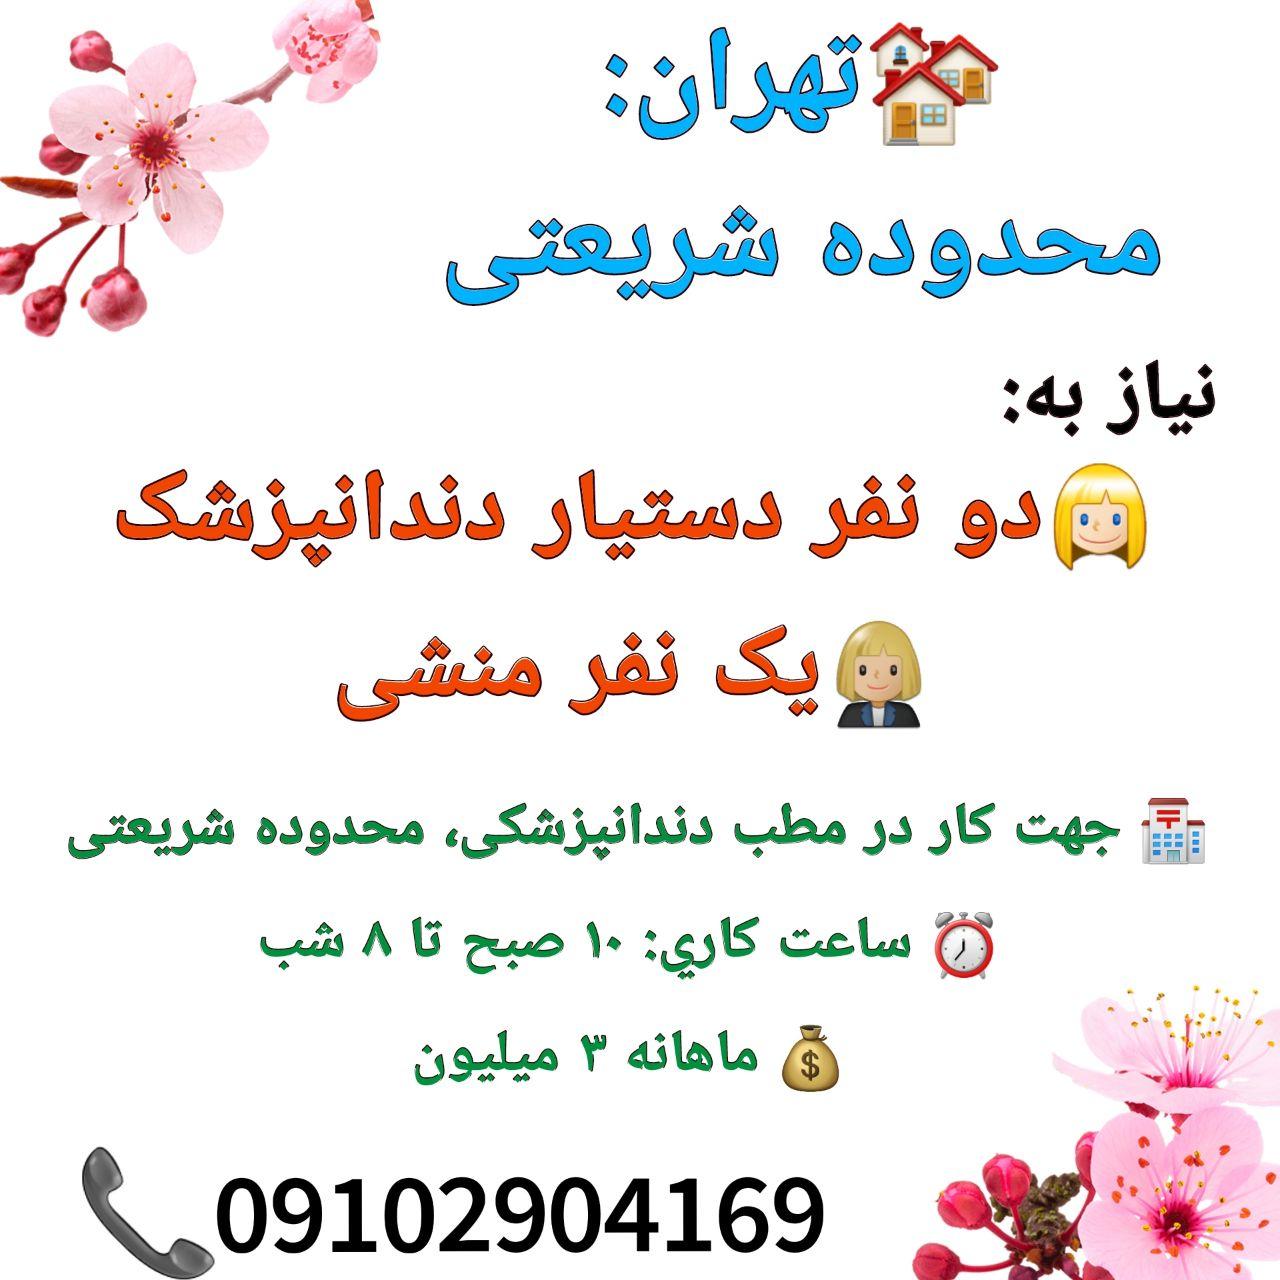 تهران: محدوده شریعتی، نیاز به ۲ نفر دستیار دندانپزشک، و یک نفر منشی